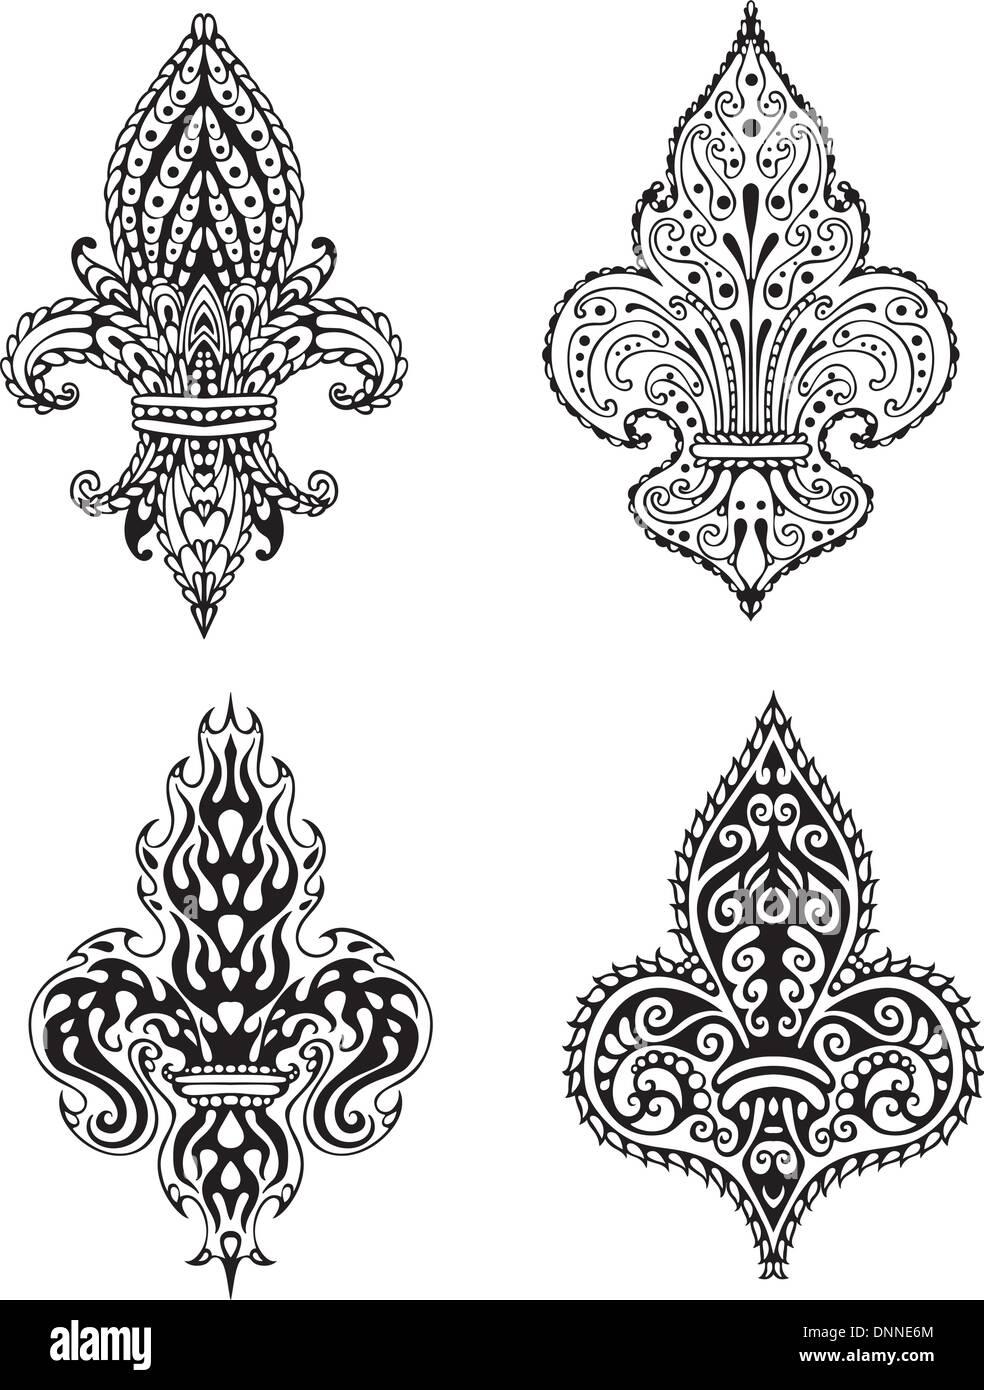 Fleur de Lis (francese gigli dei Borboni). Set di bianco e nero illustrazioni vettoriali. Immagini Stock